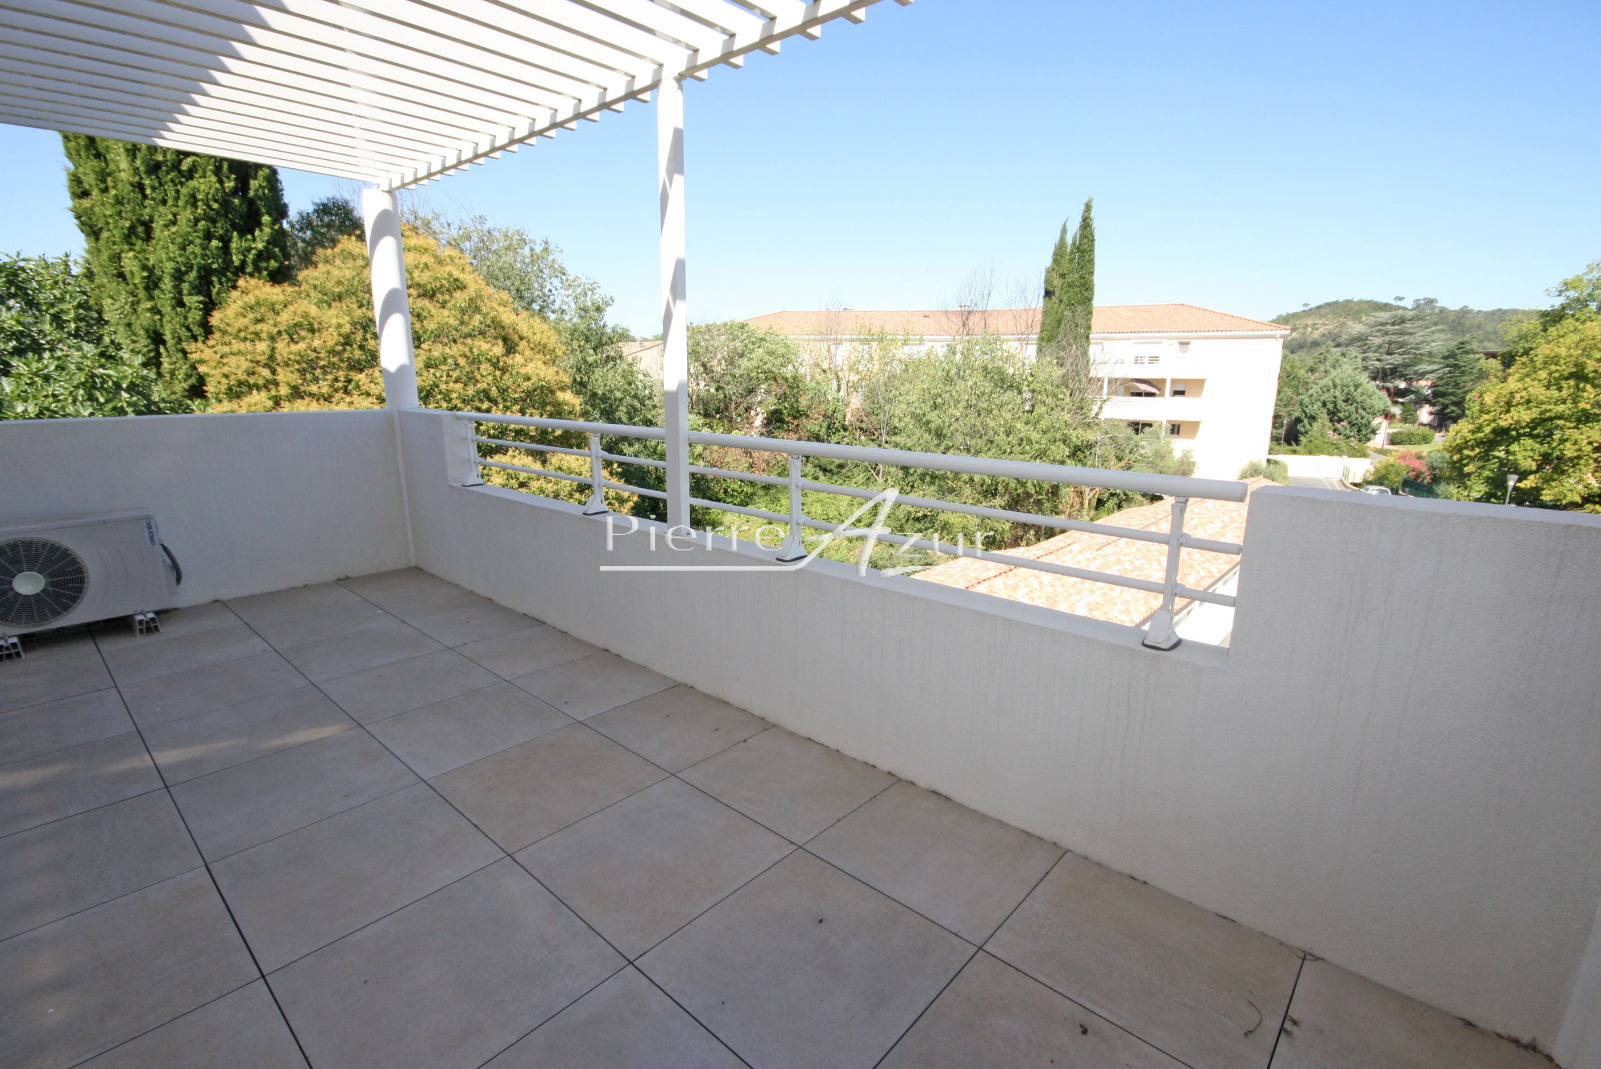 Vente appartement t3 de 65m2 avec terrasse et parking for Terrasse et appartement